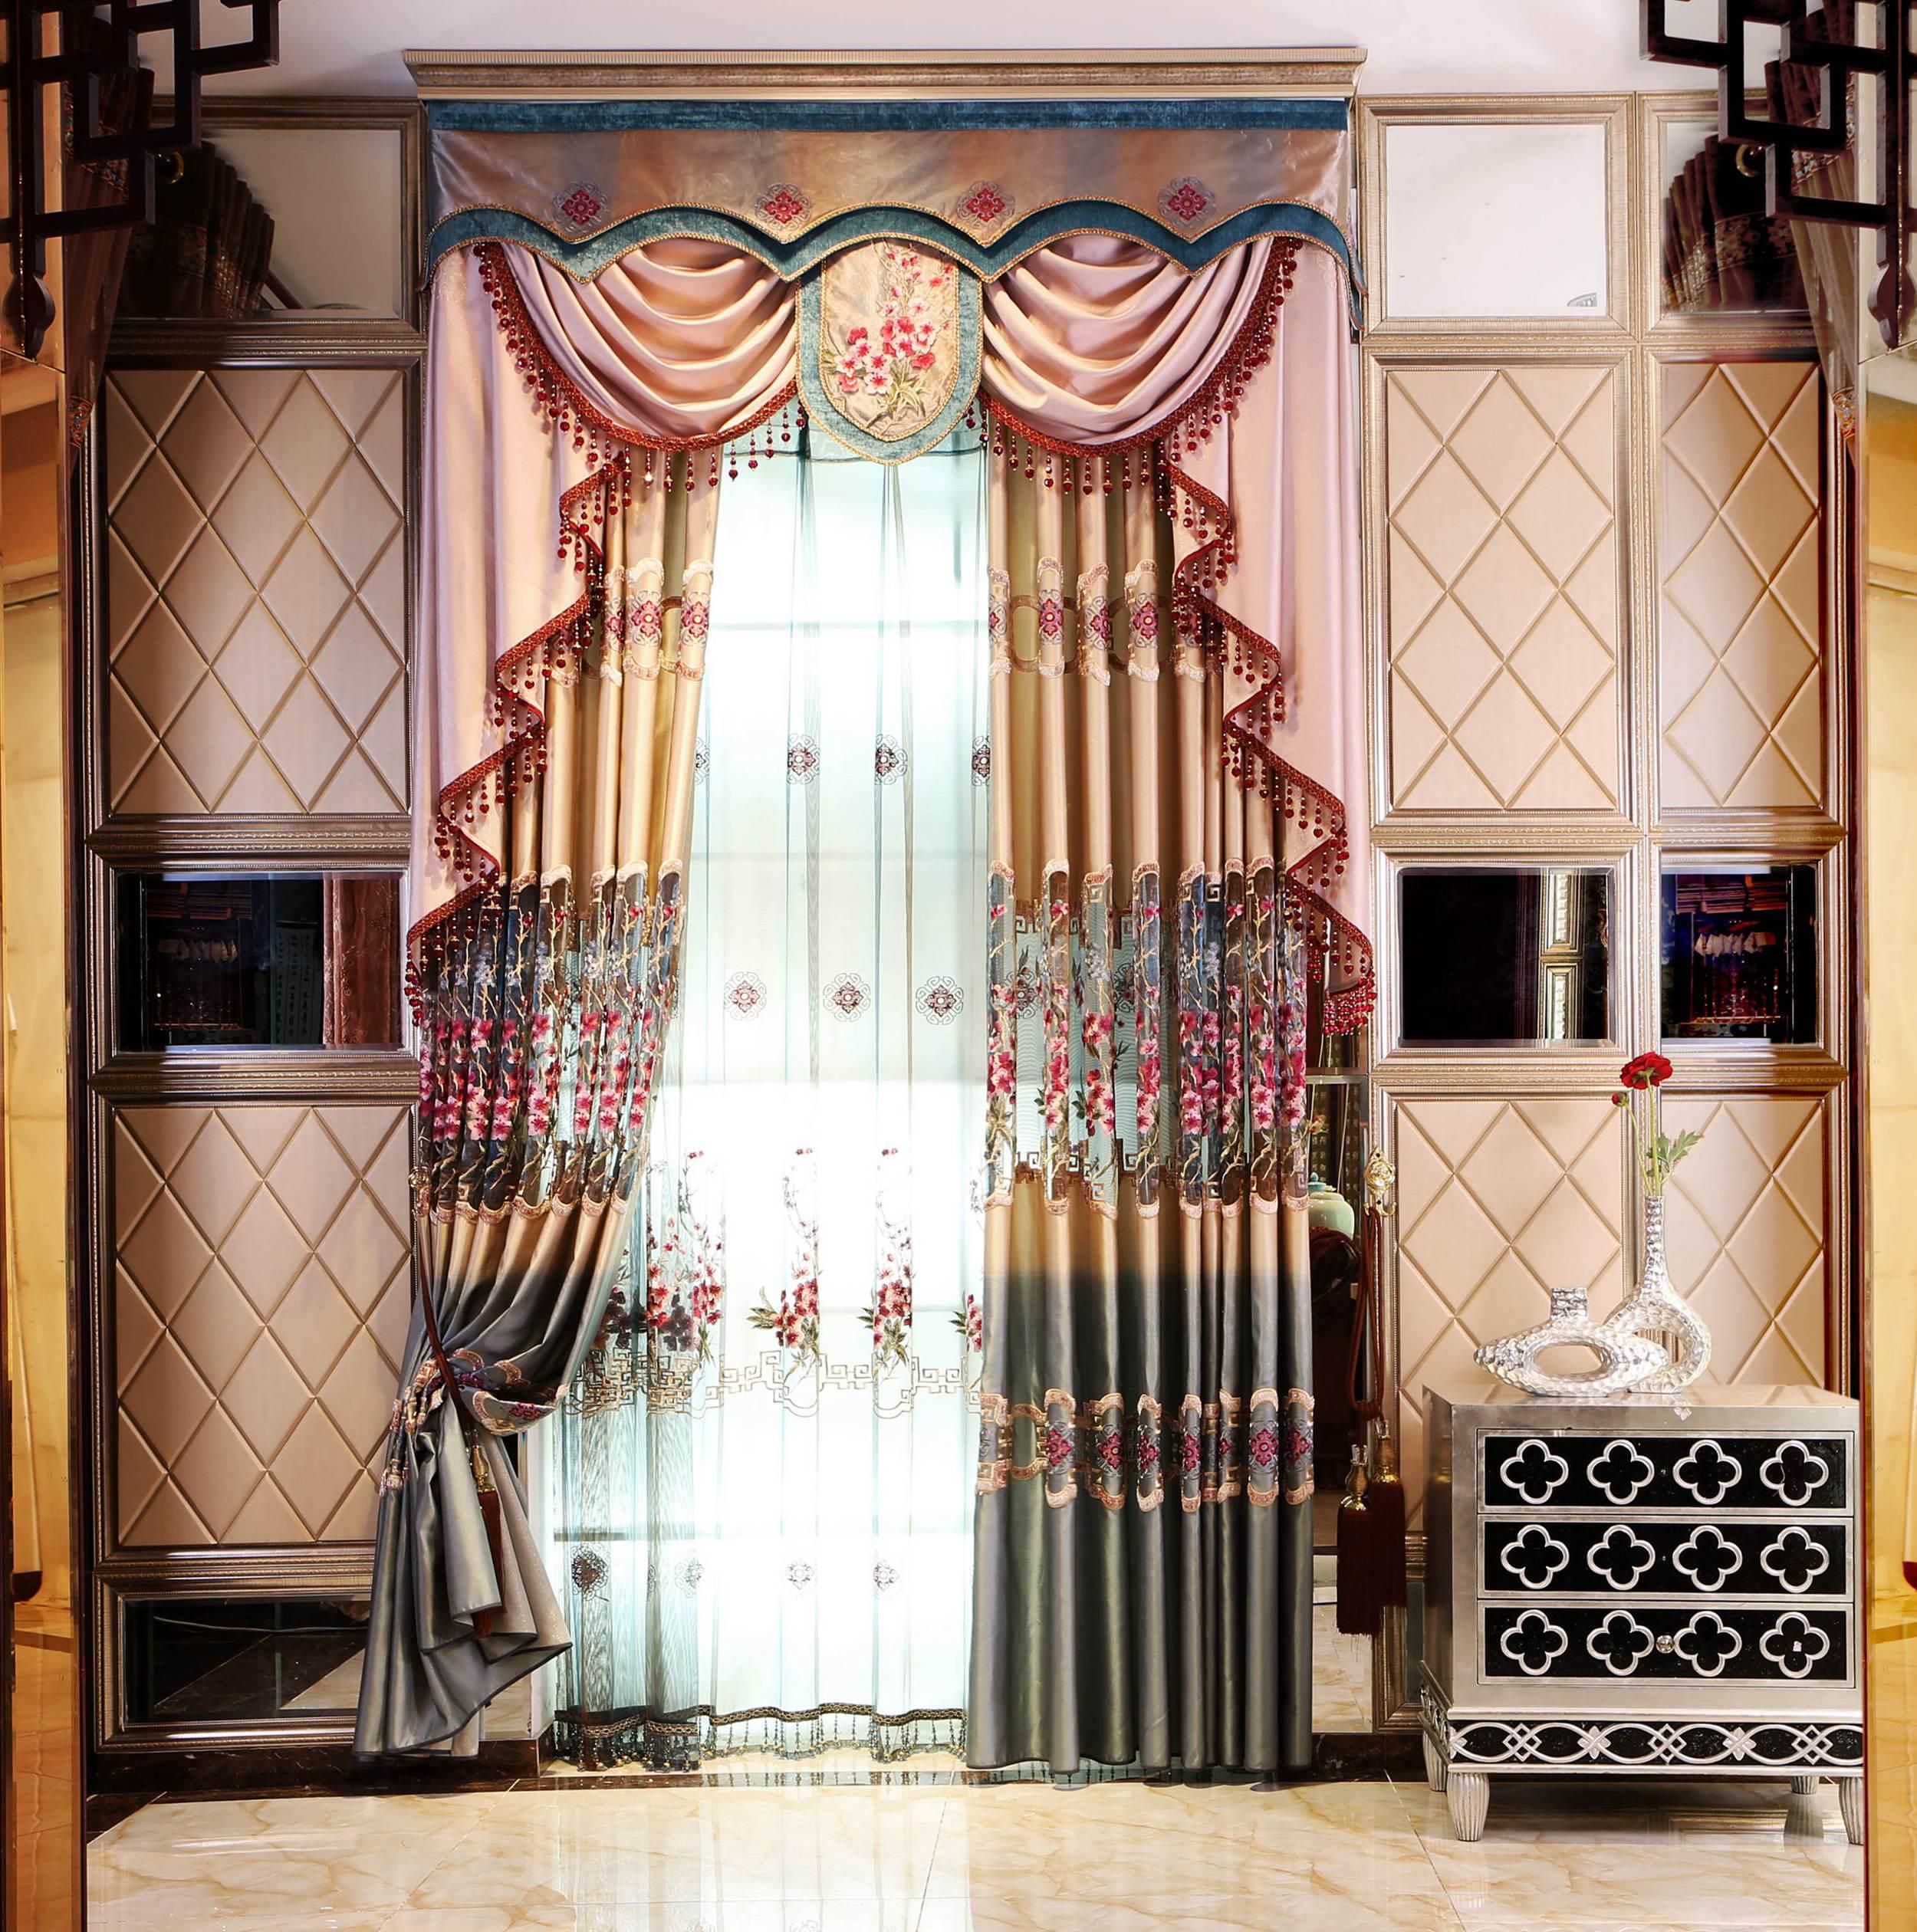 斜窗窗帘做法_窗帘的朝向也会影响窗帘制作方法,这些你都知